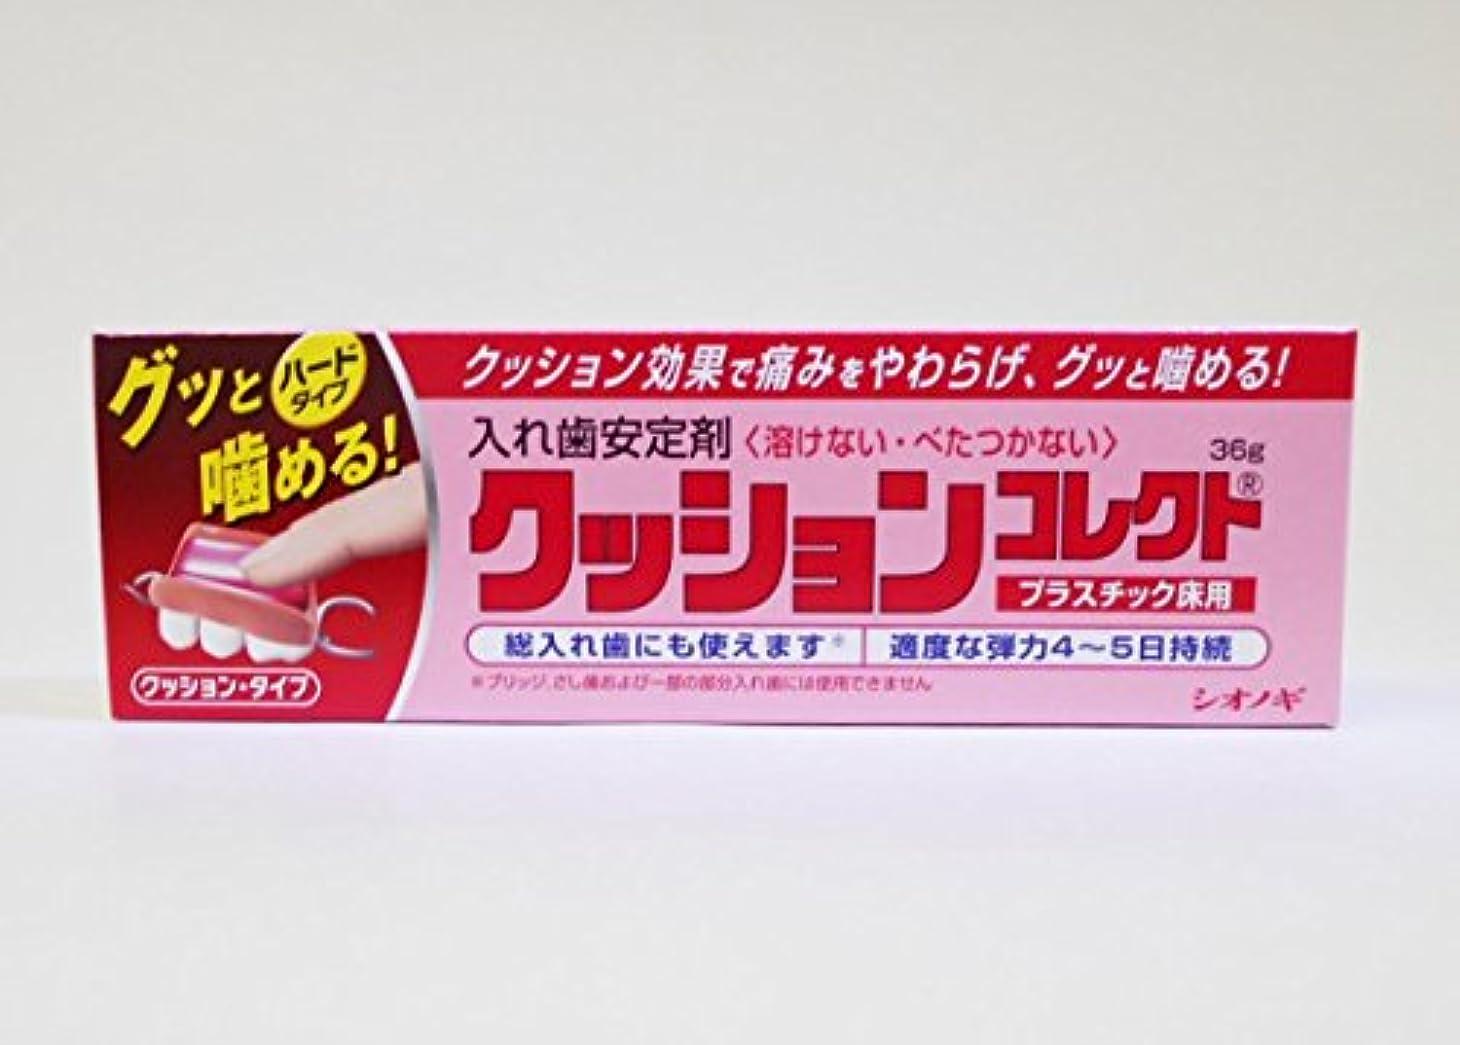 海賊キネマティクスケーブルカー【シオノギ製薬】クッションコレクト 36g ×5個セット